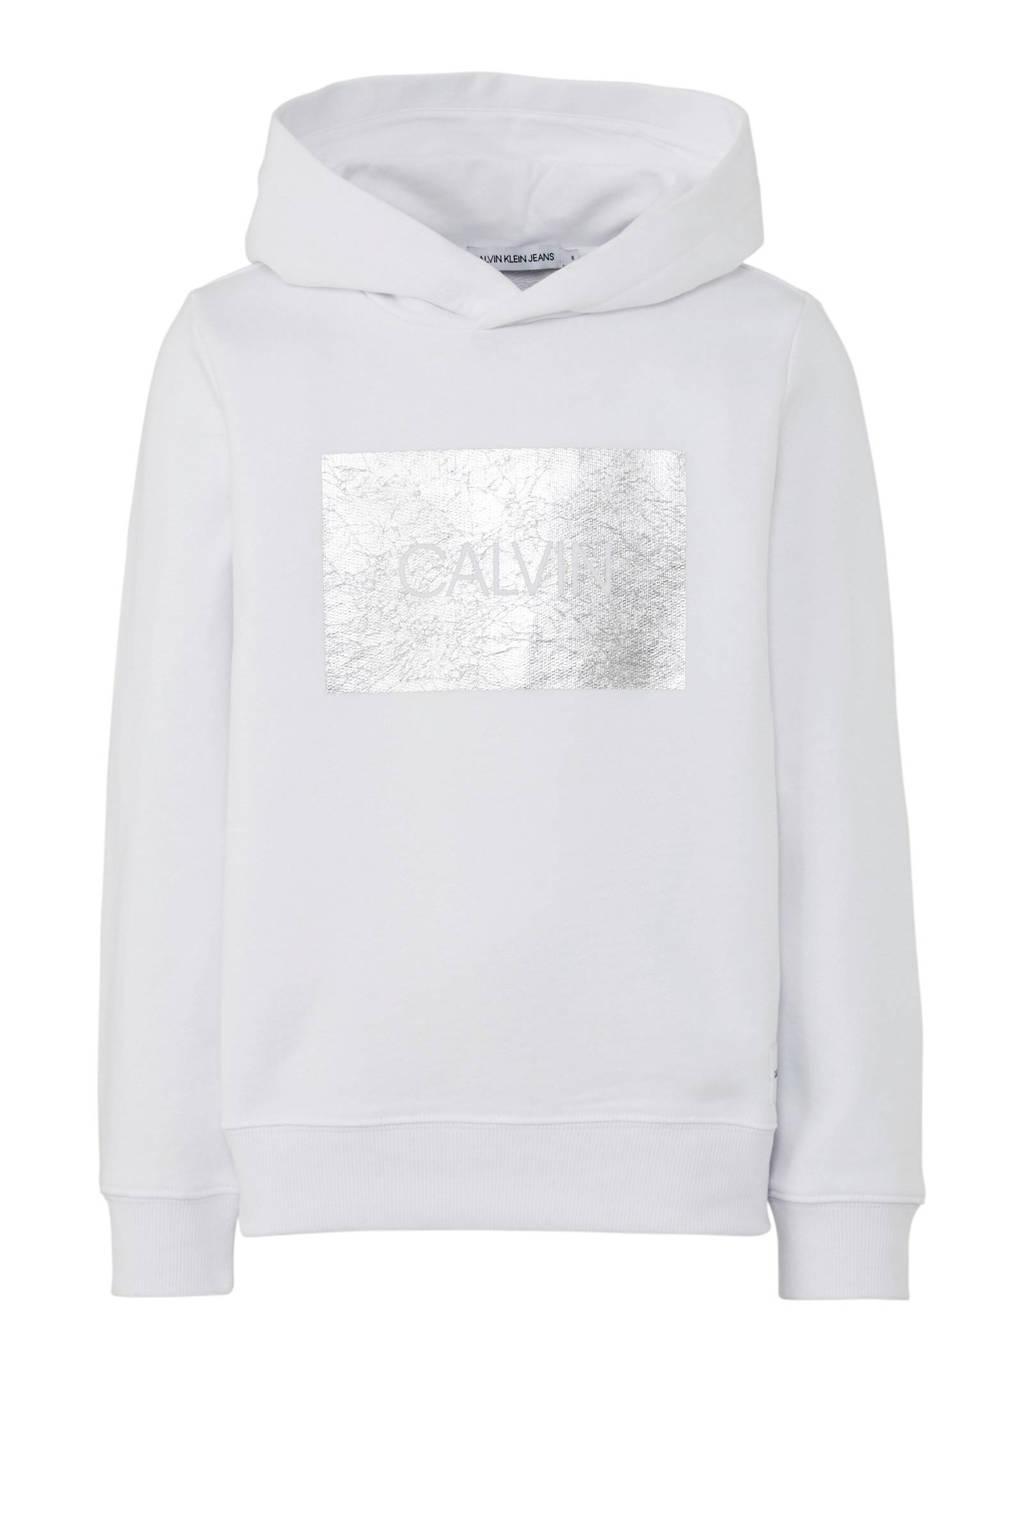 CALVIN KLEIN JEANS hoodie met zilveren logo wit, Wit